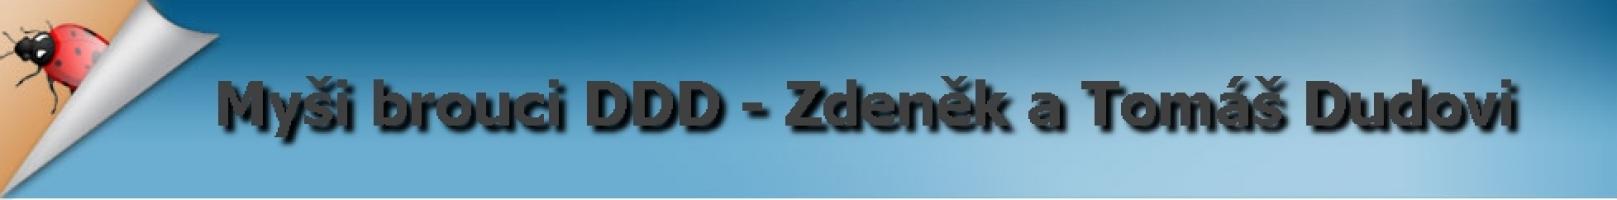 Logo firmy: DUDA služby DDD s.r.o.